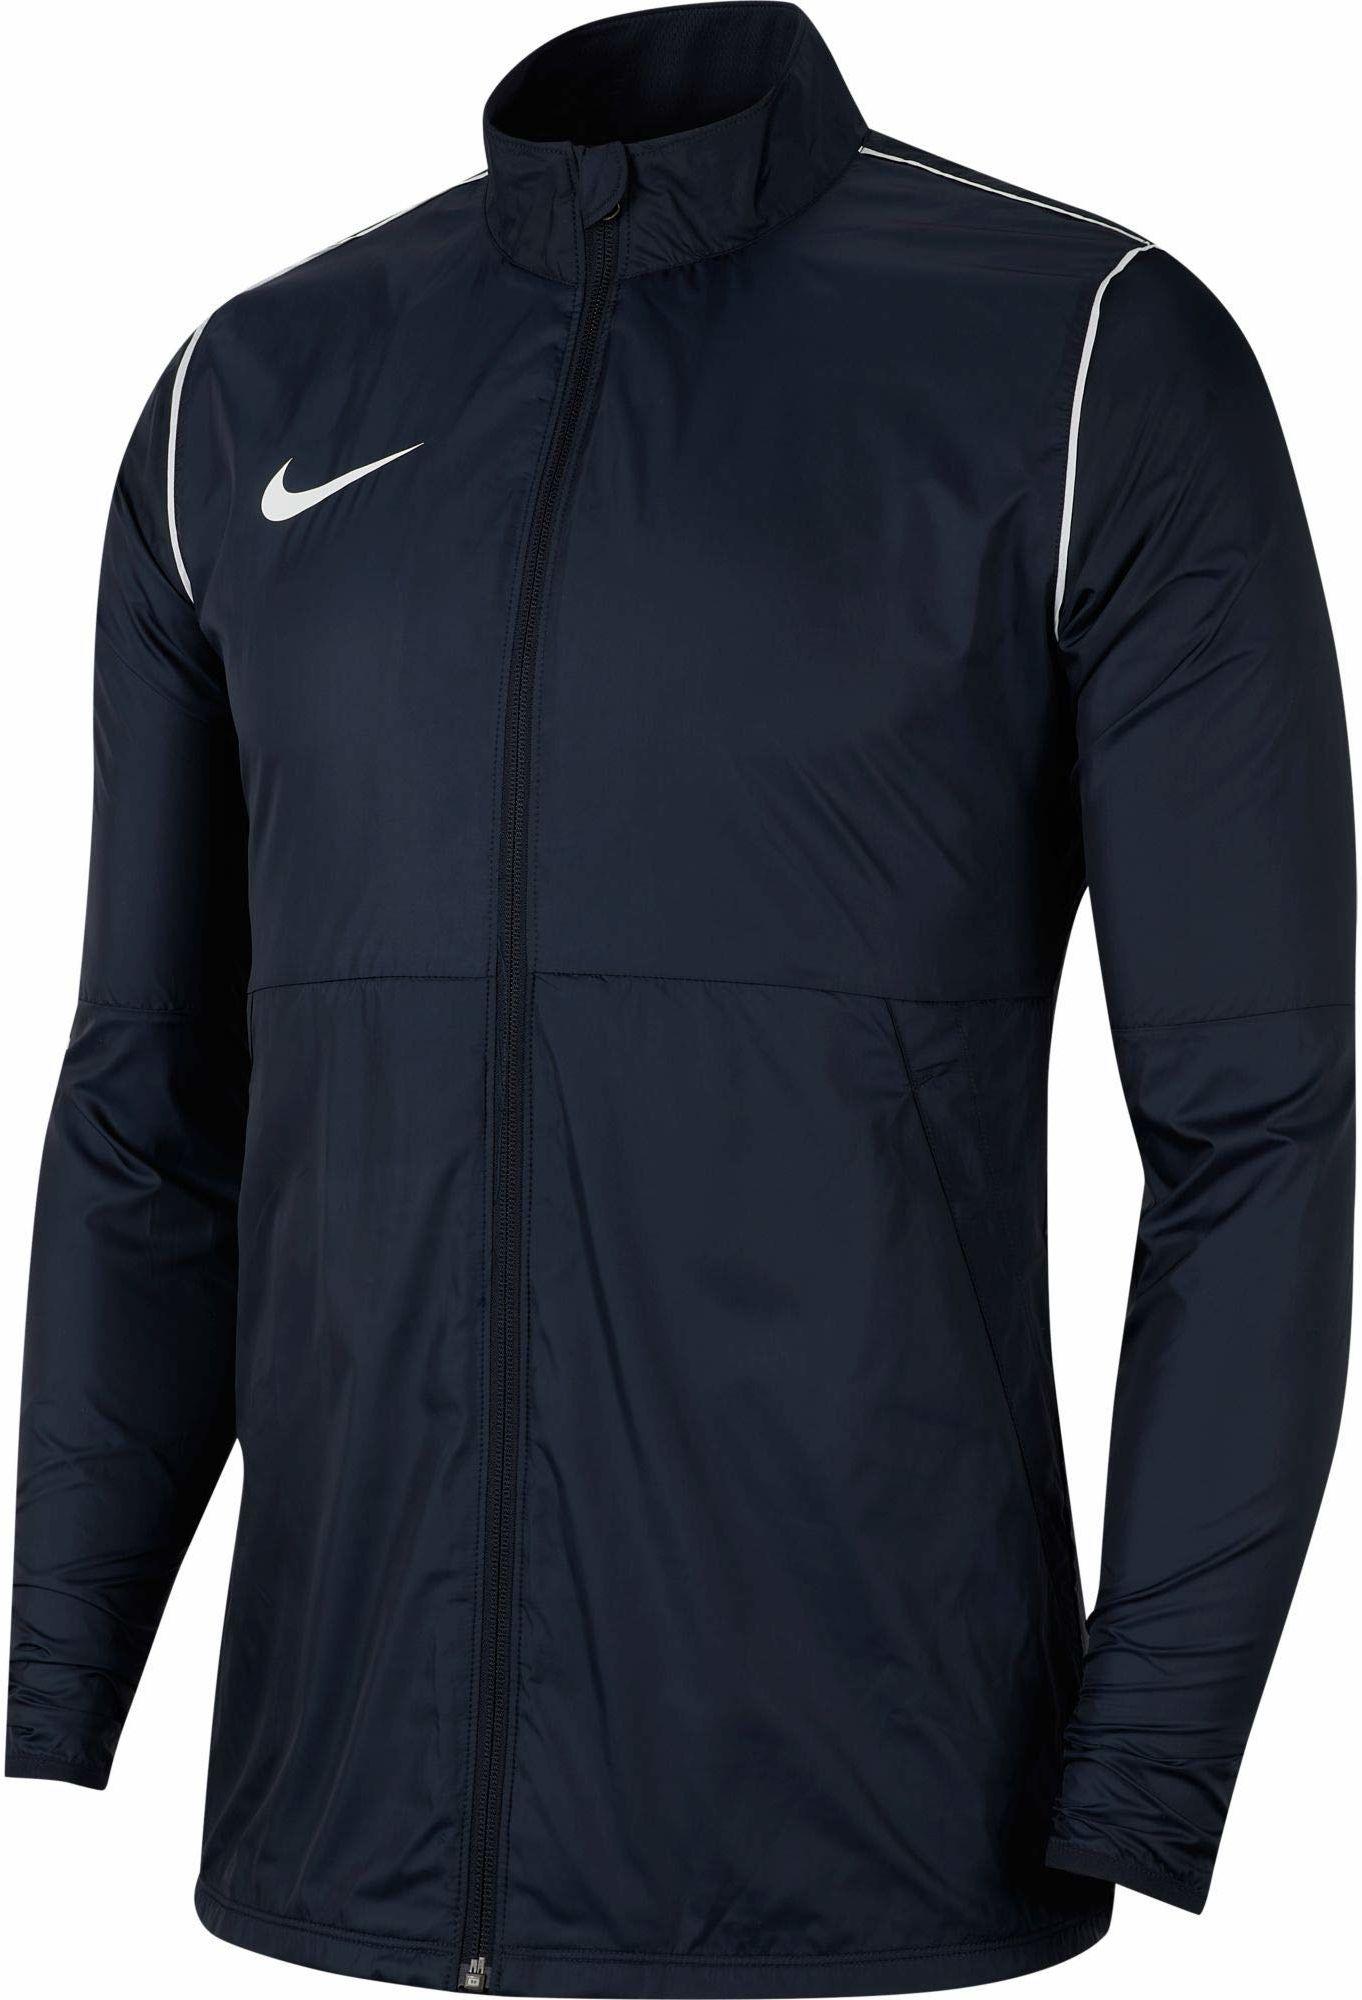 Nike męska kurtka sportowa M NK RPL PARK20 RN JKT W, obsydian/biała/biała, L